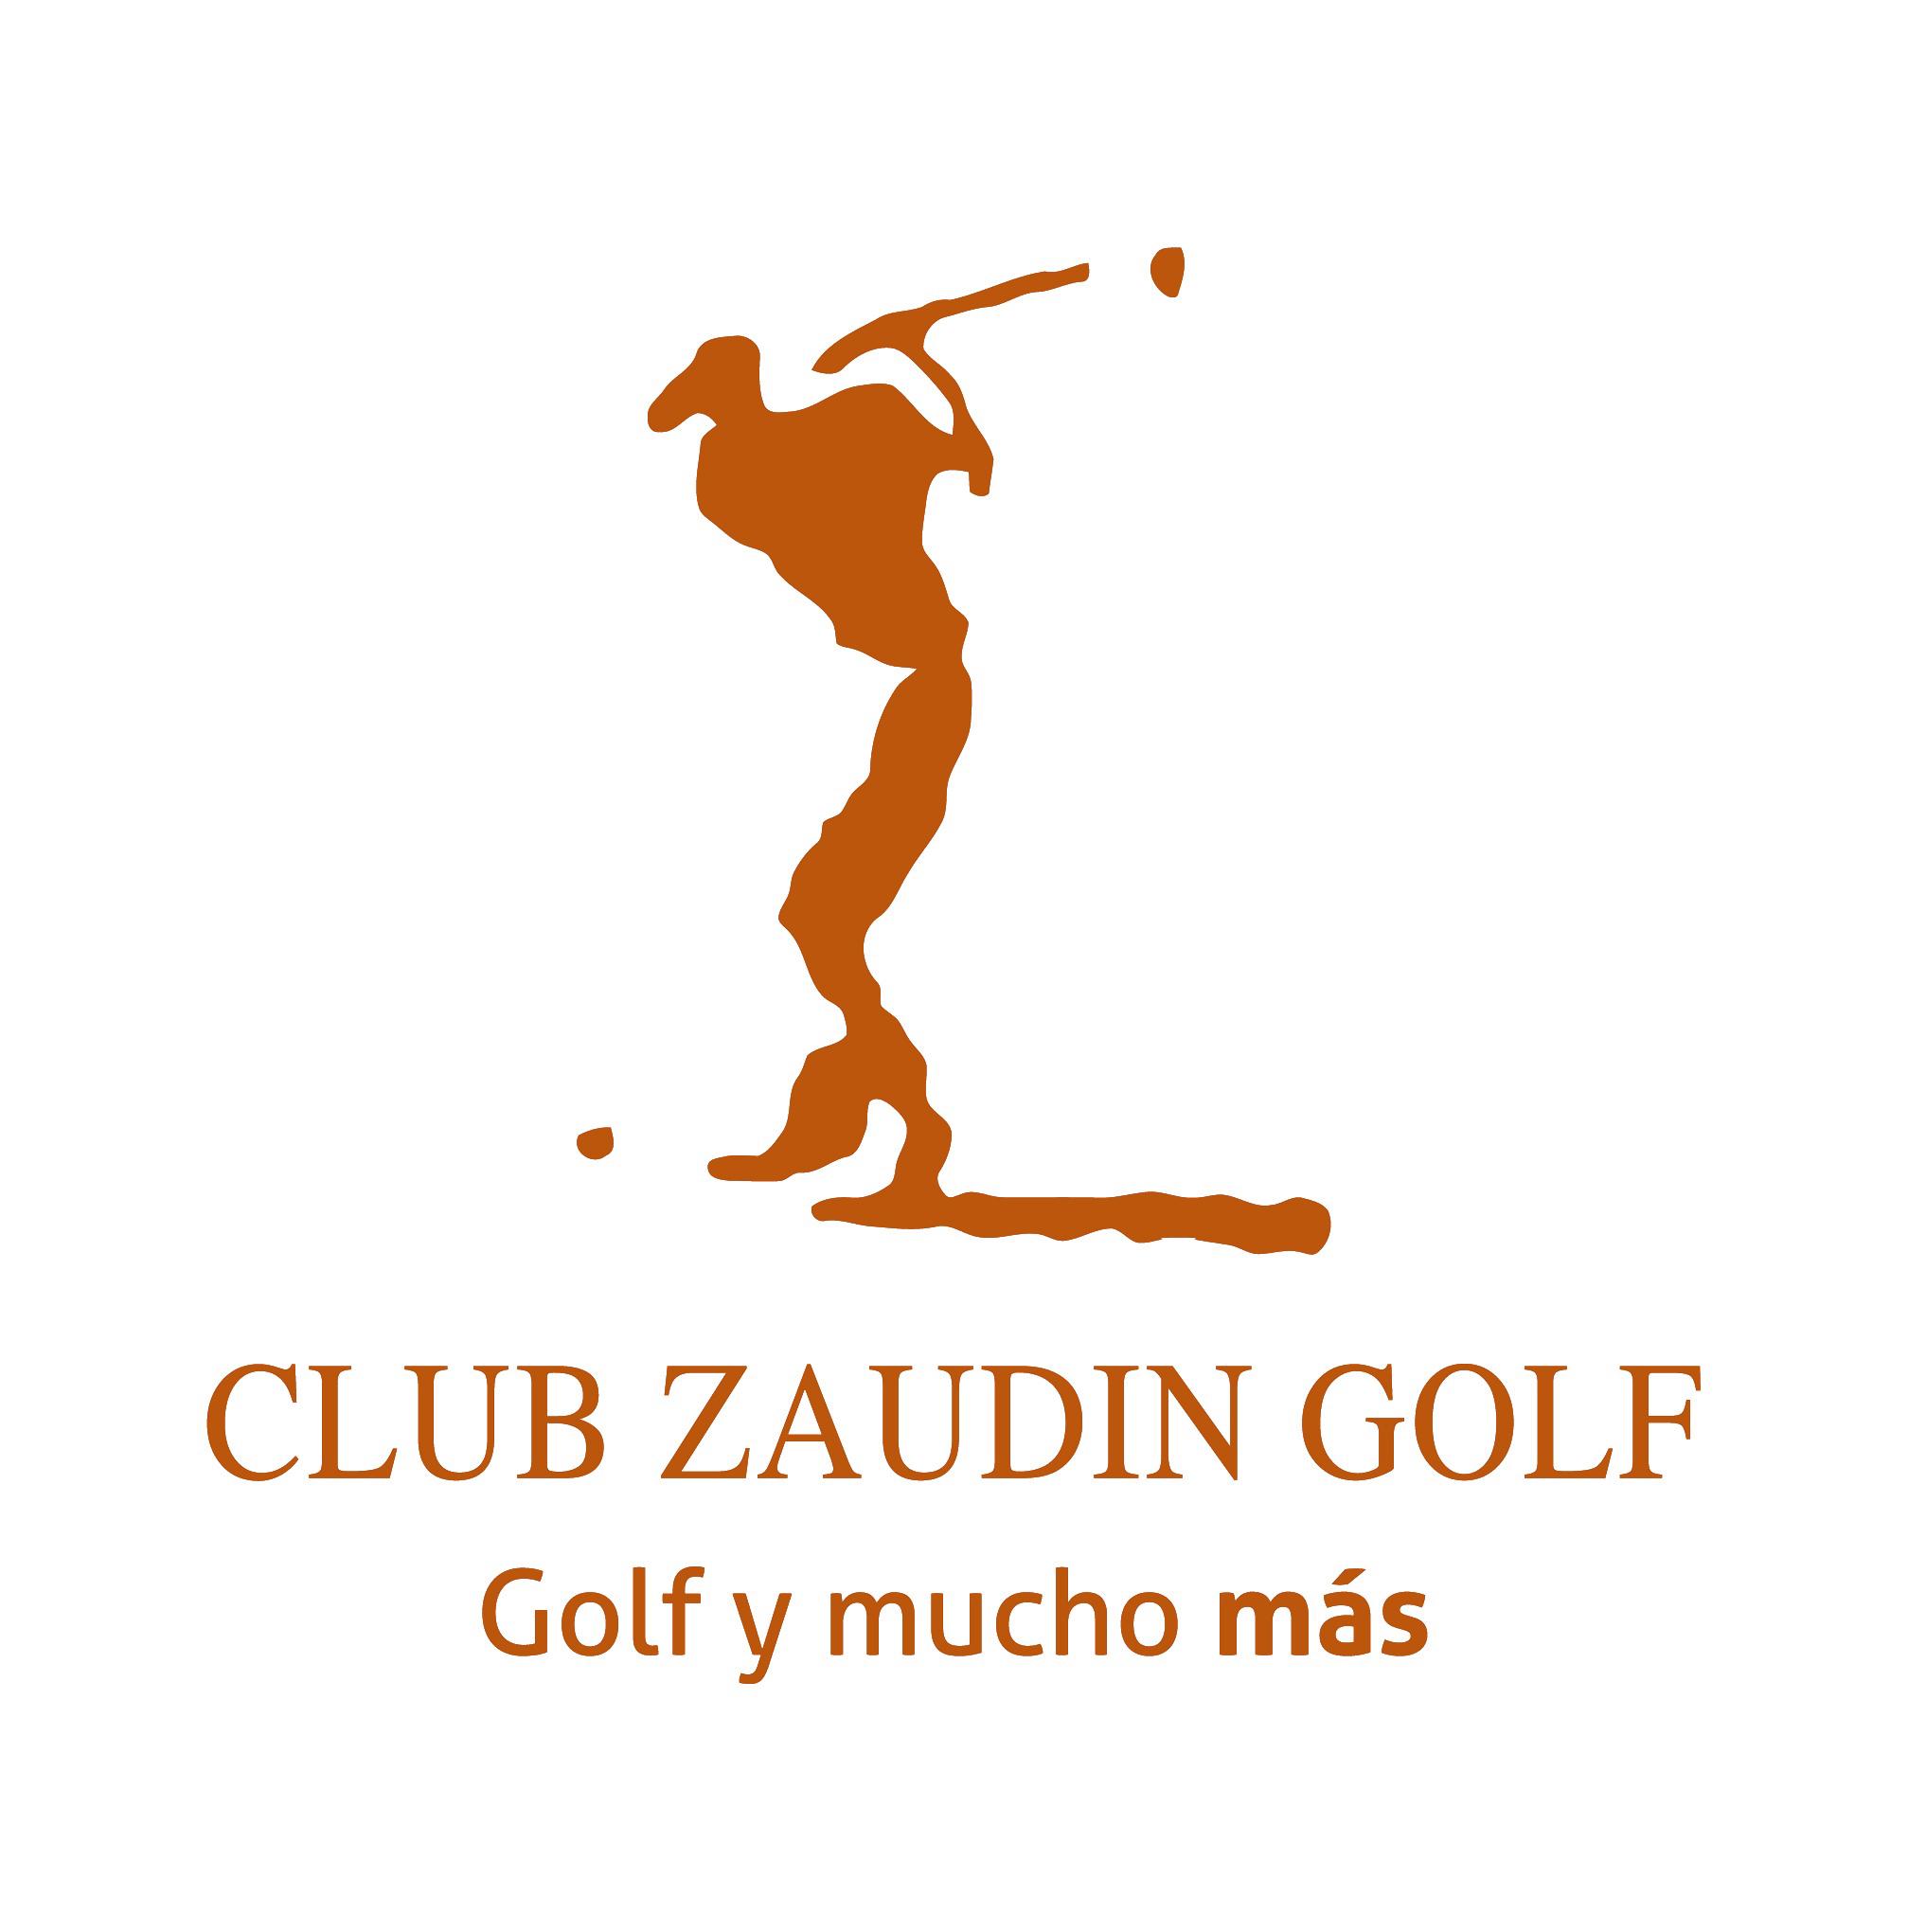 Zaudín logo-01 Golf y mucho mas